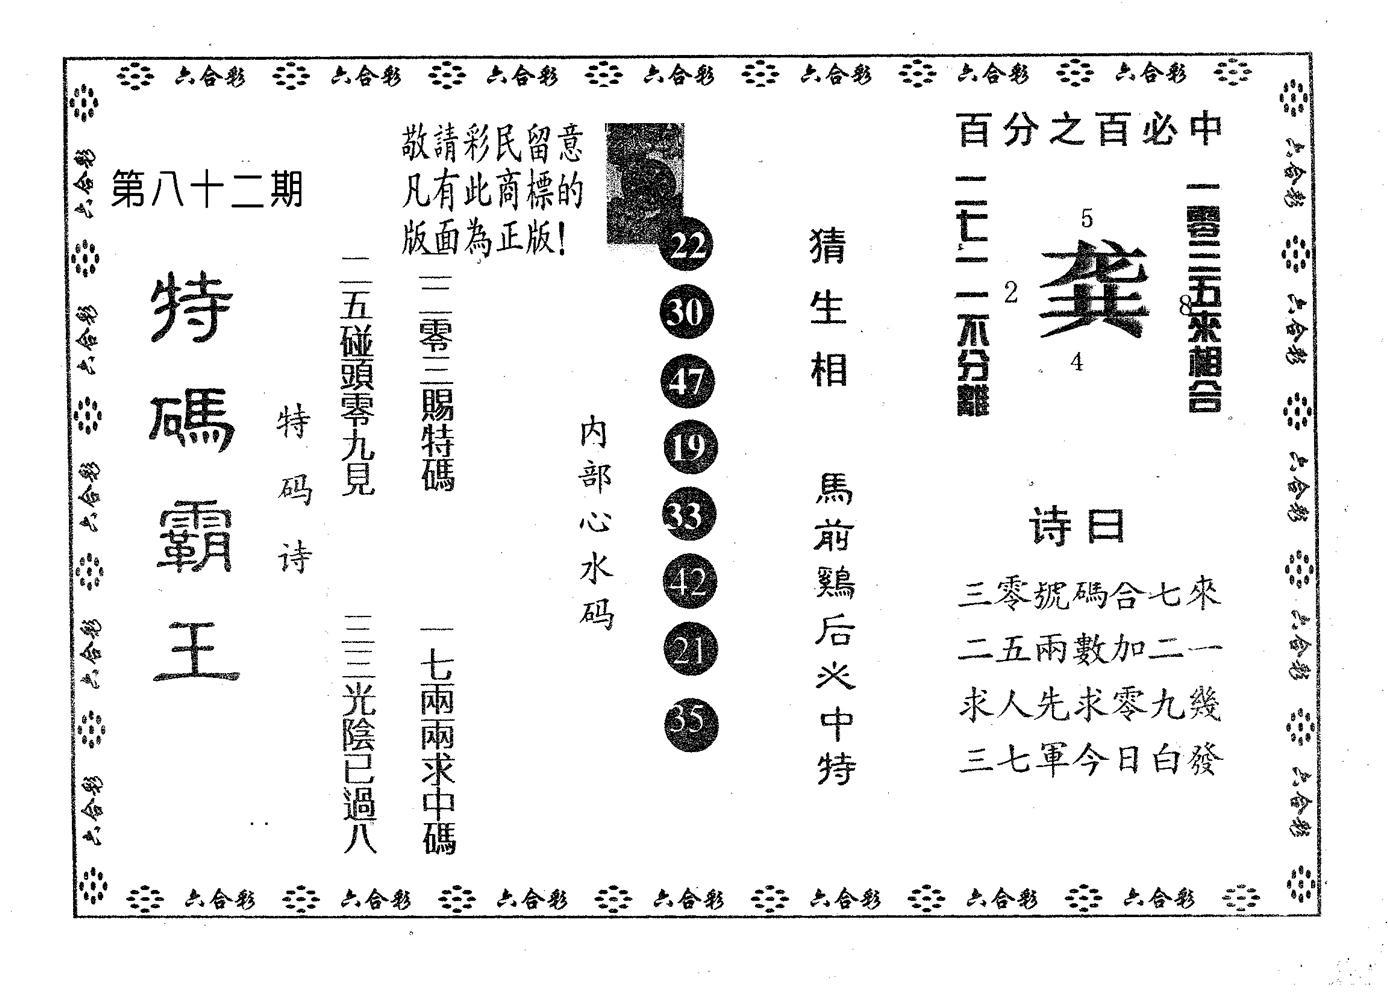 082期特码霸王A(黑白)